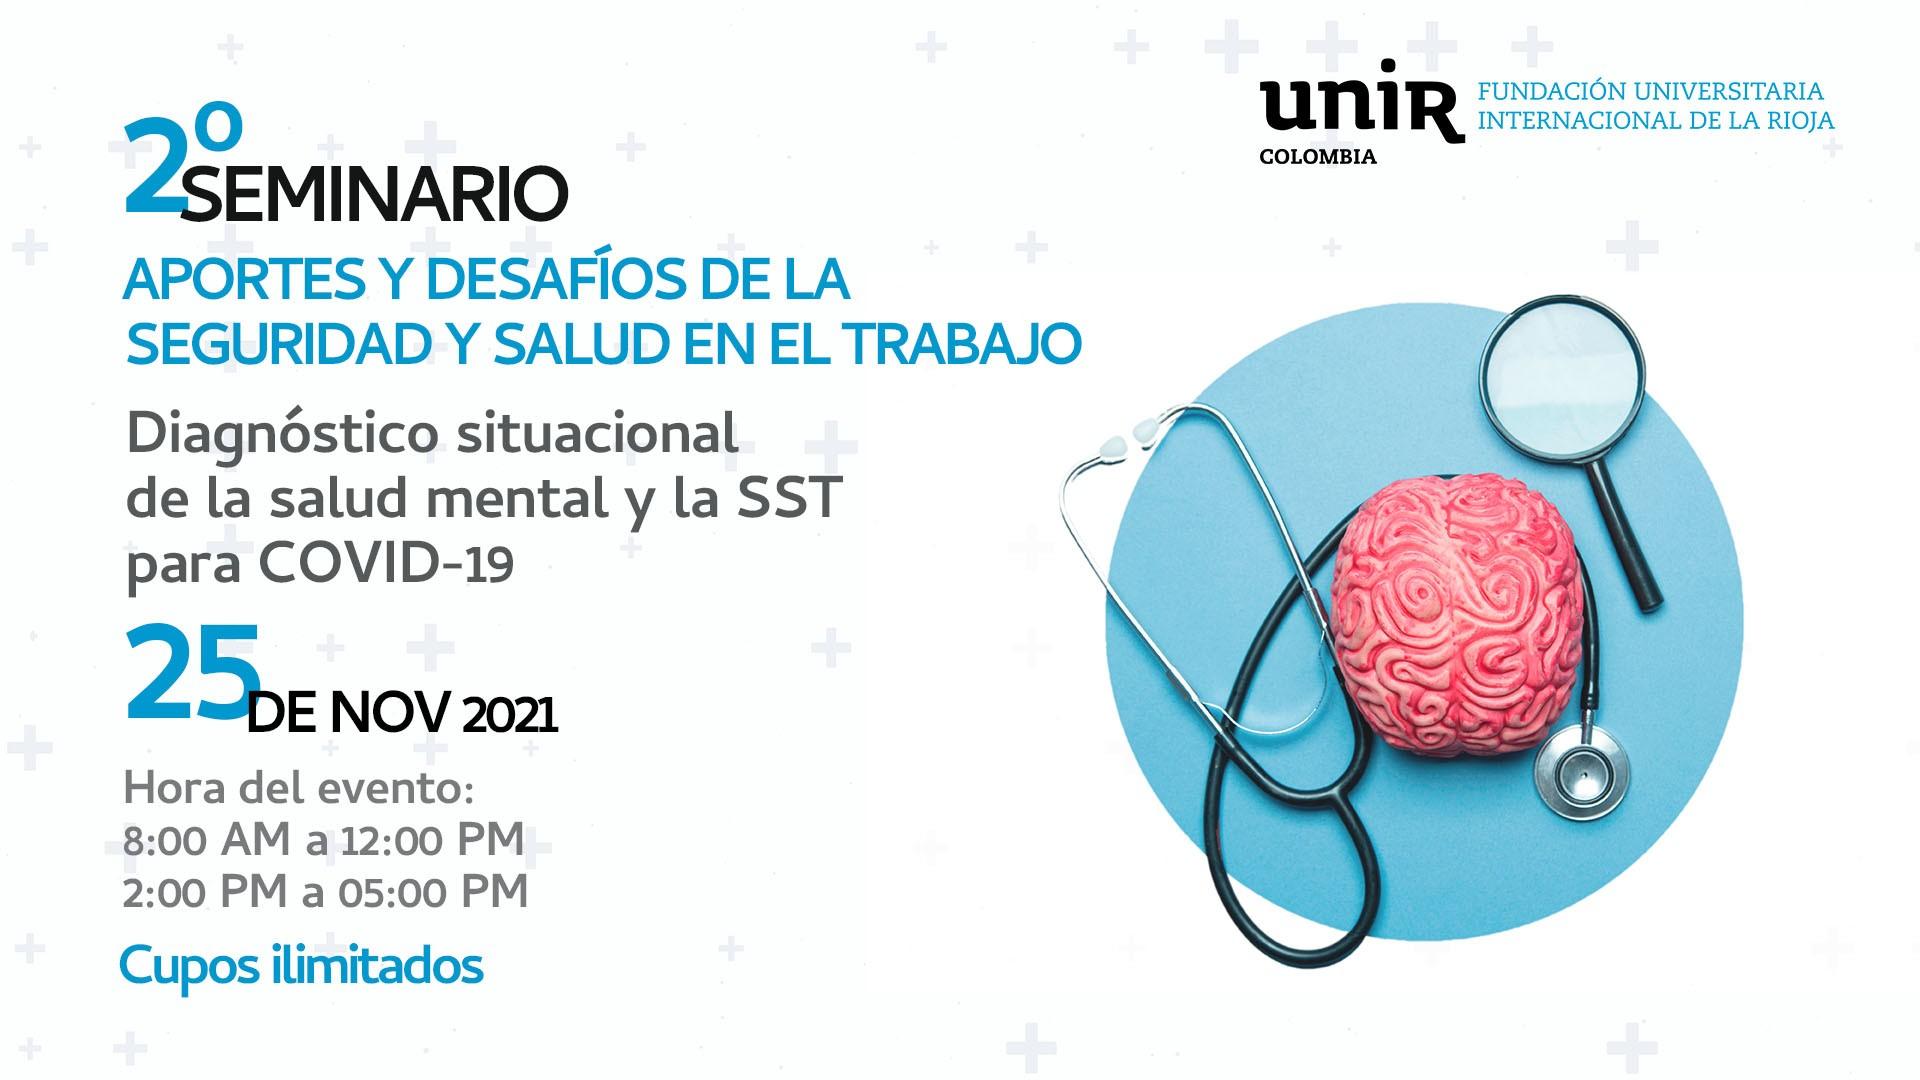 II seminario aportes y desafíos de la seguridad y salud en el trabajo. Diagnóstico situacional de la salud mental y la SST post COVID-19